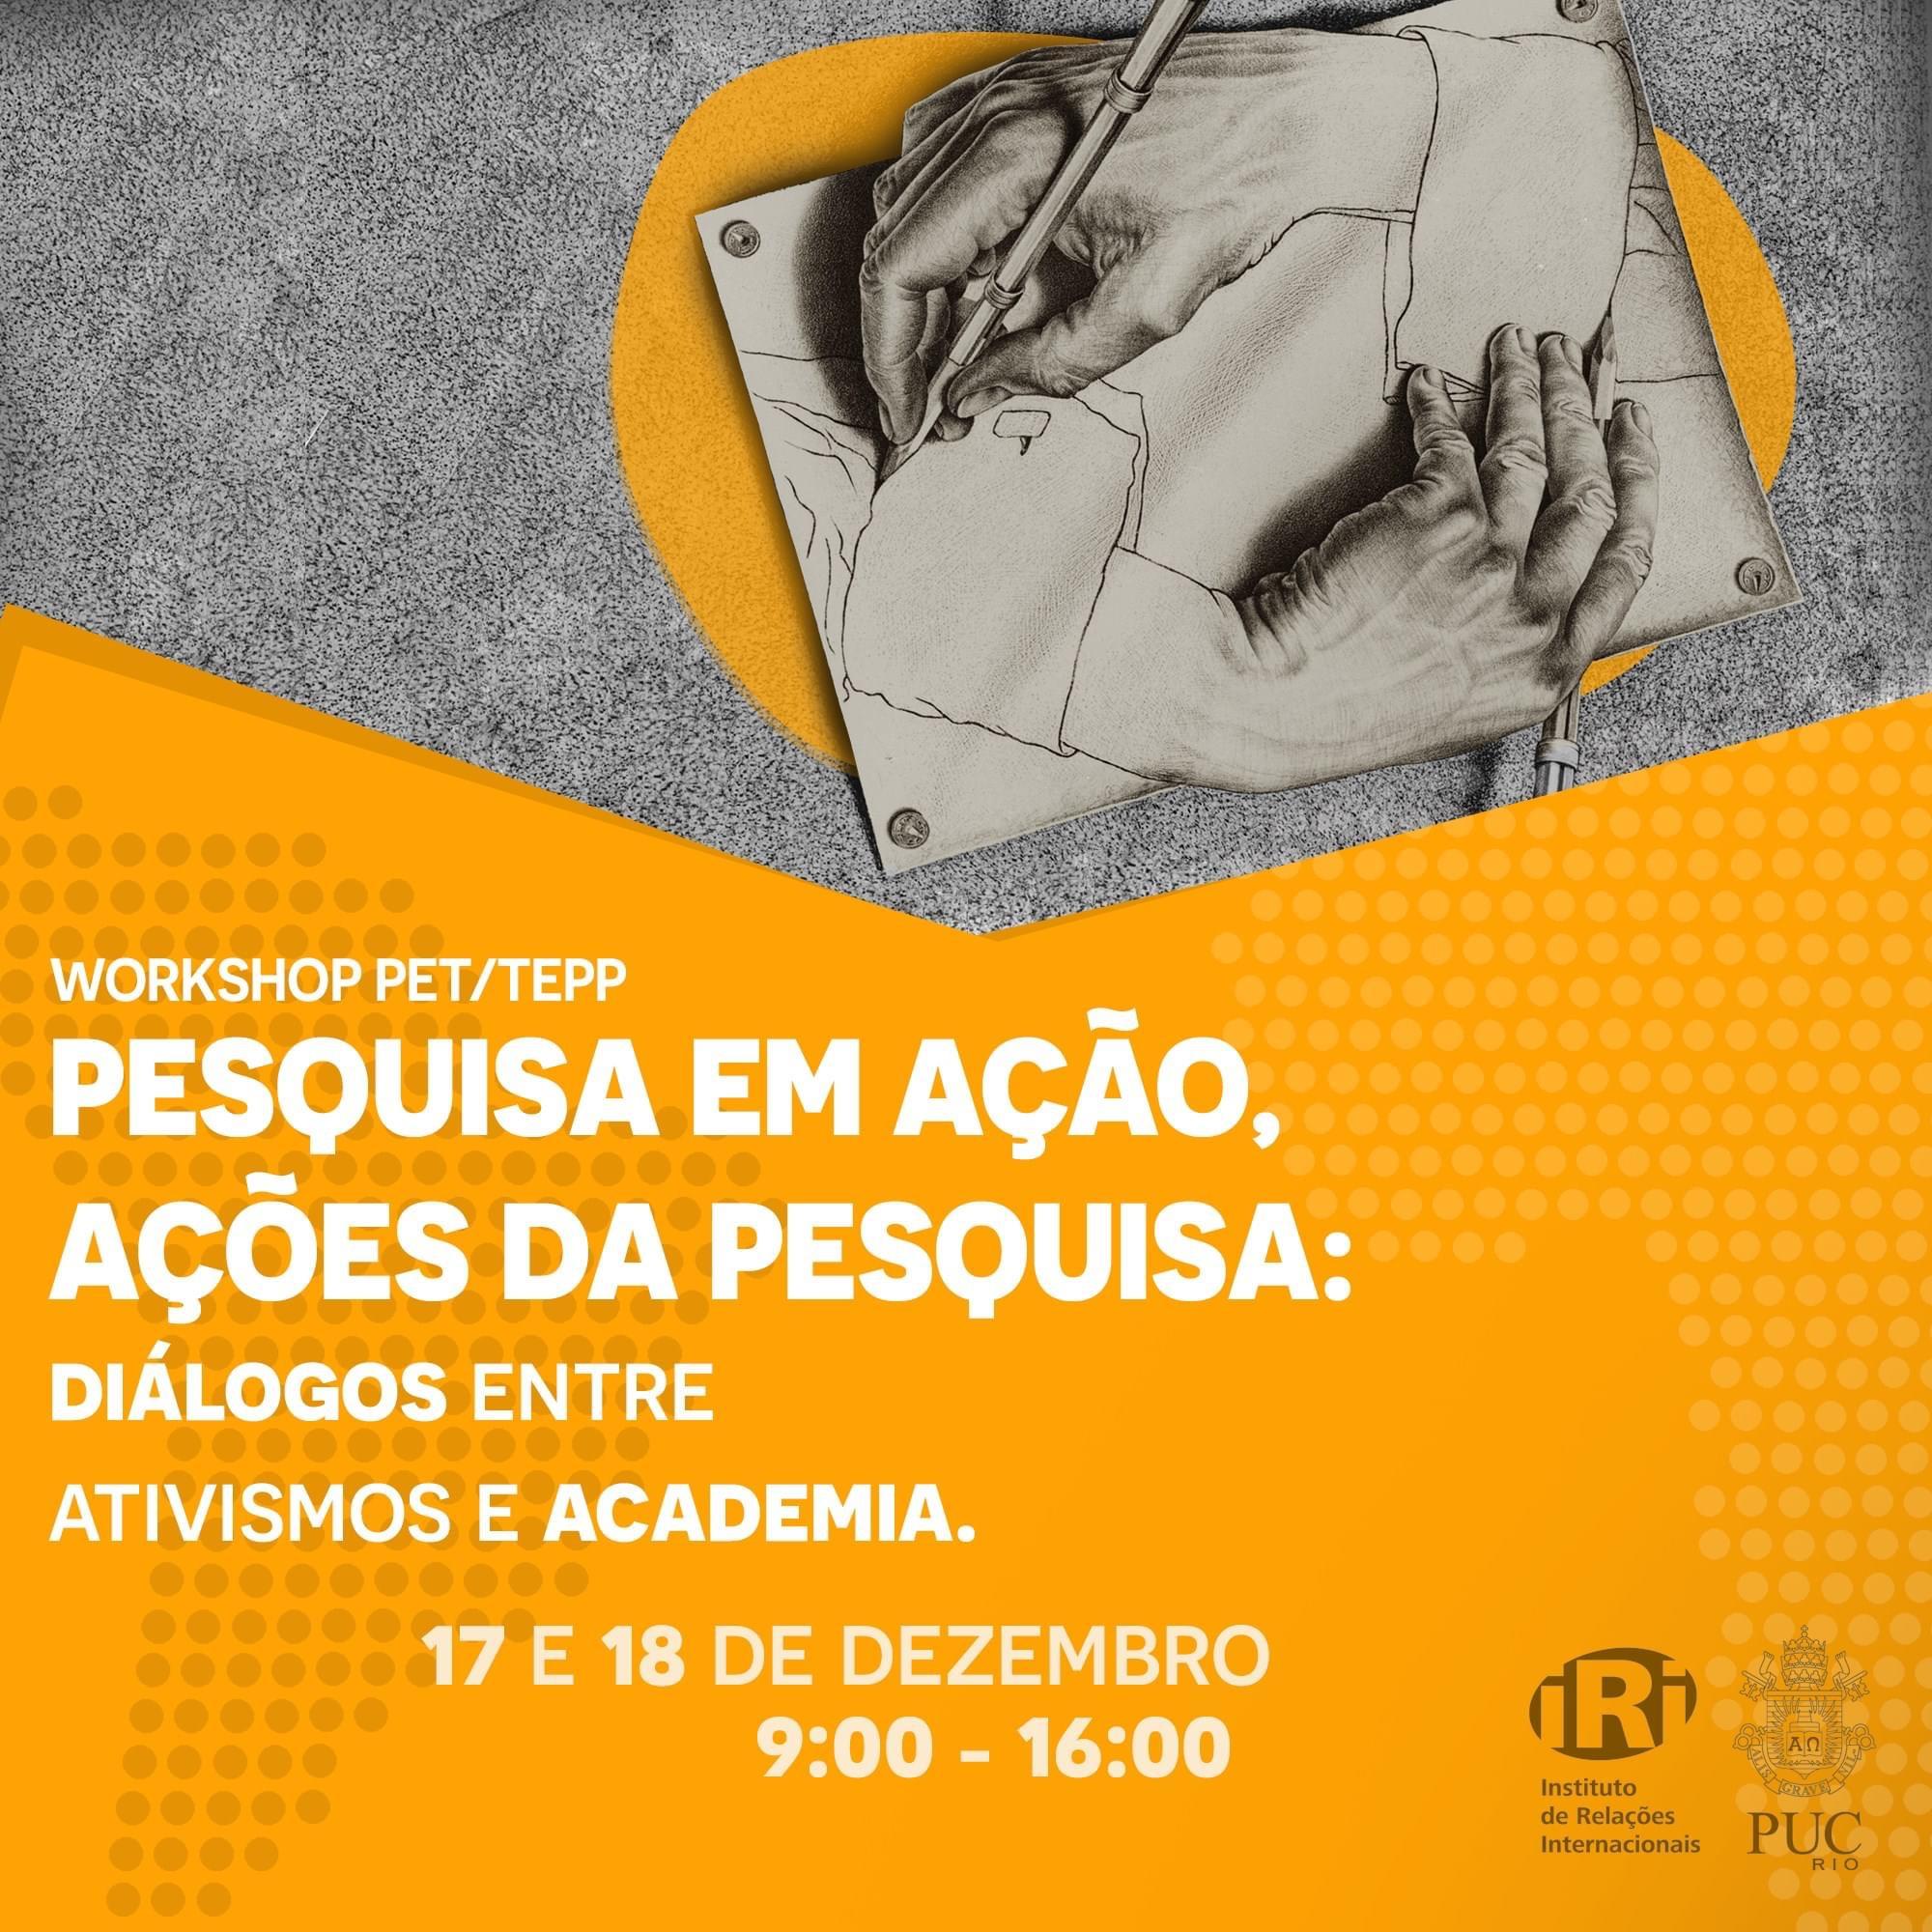 Workshop PET/TEPP 2020.2 | Pesquisa em ação, Ações da Pesquisa: diálogos entre ativismos e academia.